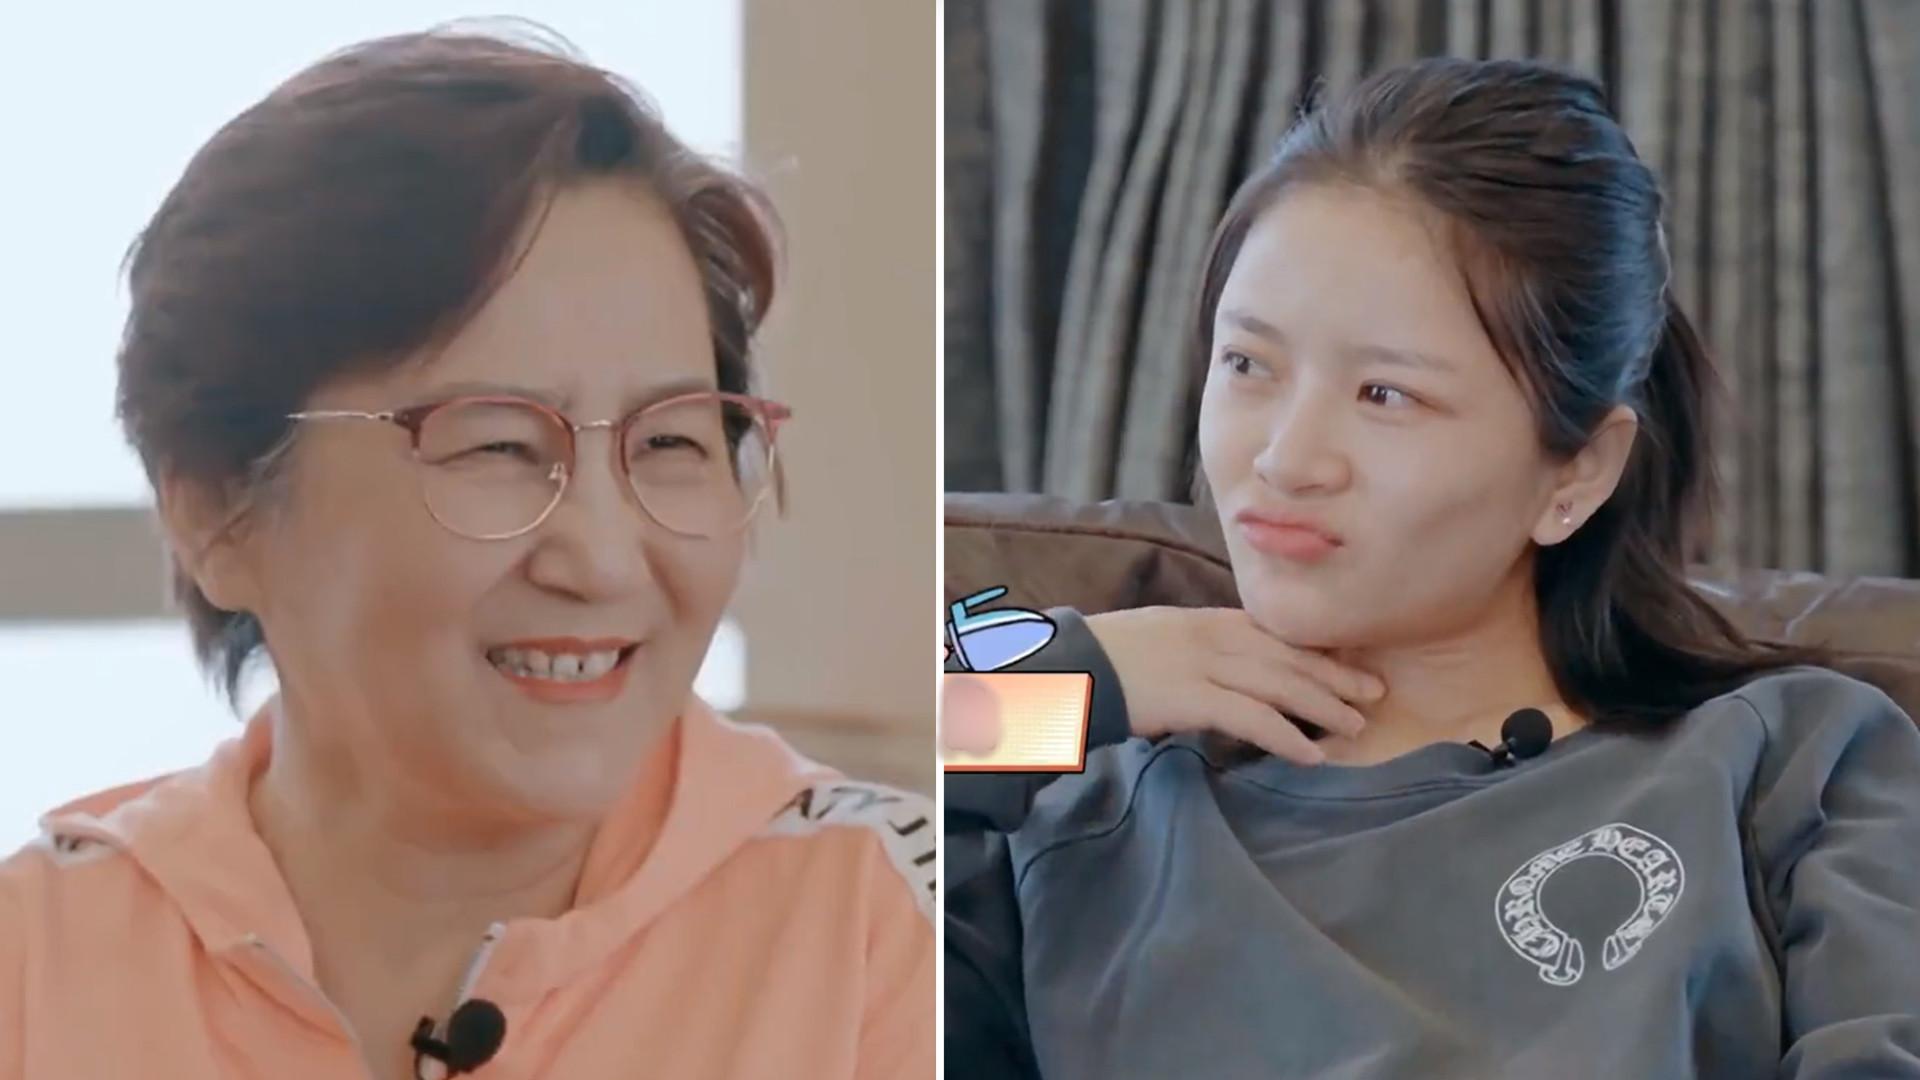 杜淳为小姨接戏王灿吃醋,现场变脸太尴尬,一句话尽显高情商